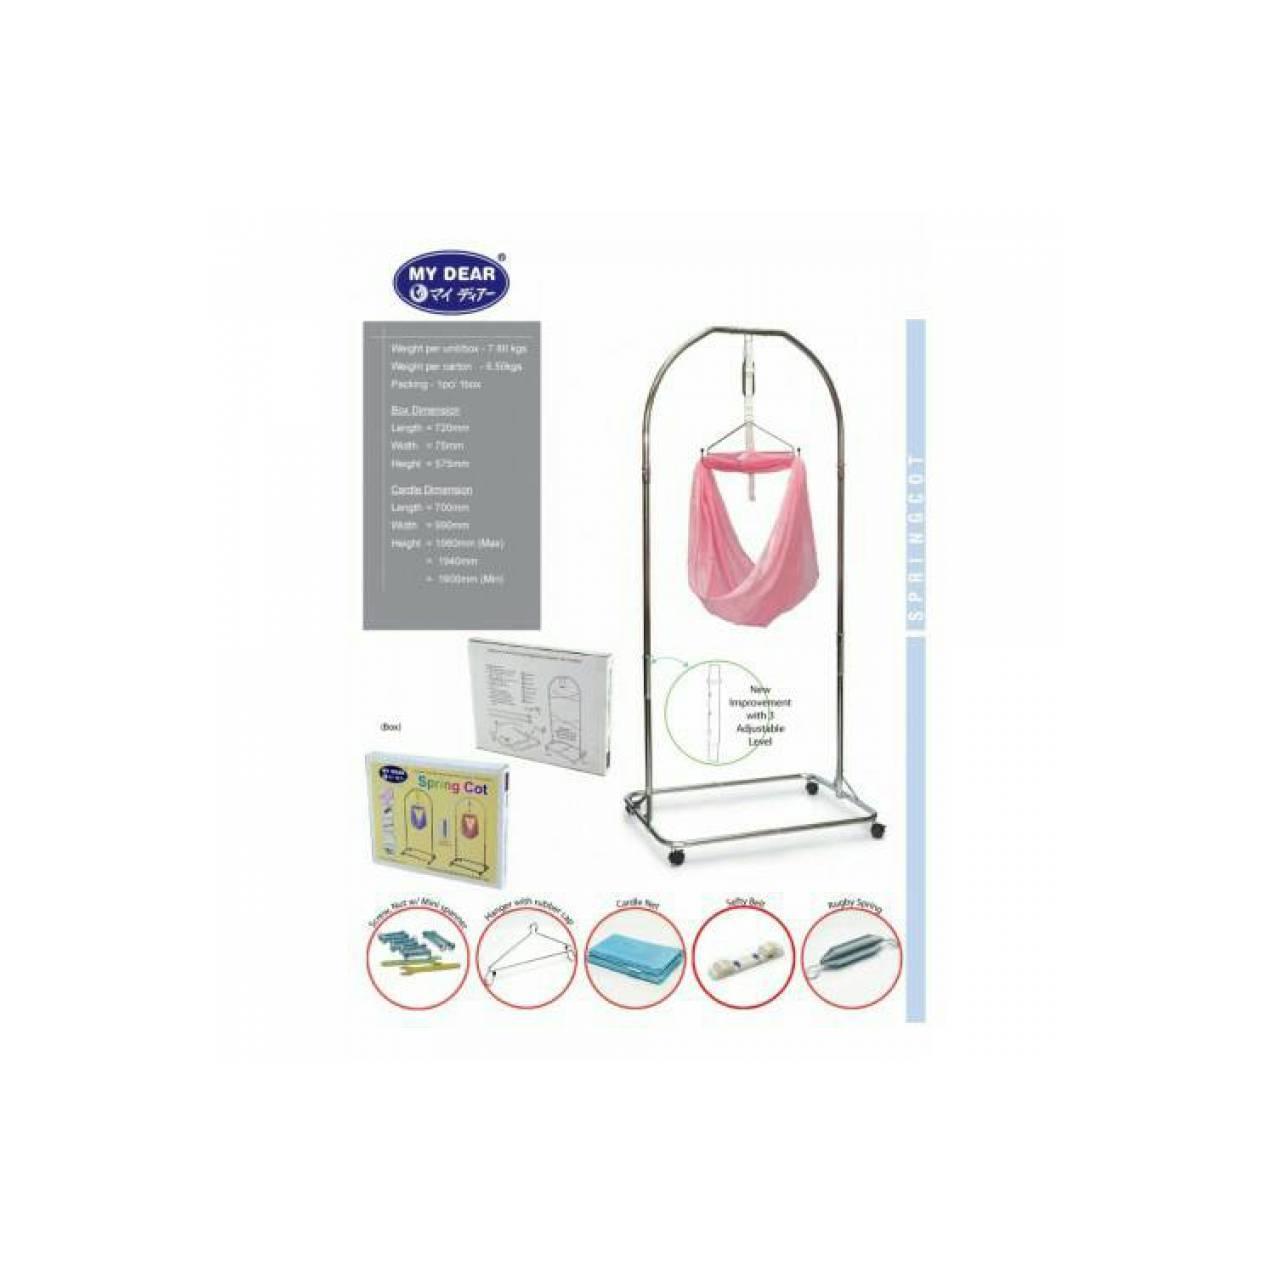 Jual My Baby Paket Murah Garansi Dan Berkualitas Id Store Hemat Minyak Telon Plus Longer Protection 60ml 3pcs Mtk040 Isi 12 150ml 6jamidr544000 Rp 1280000